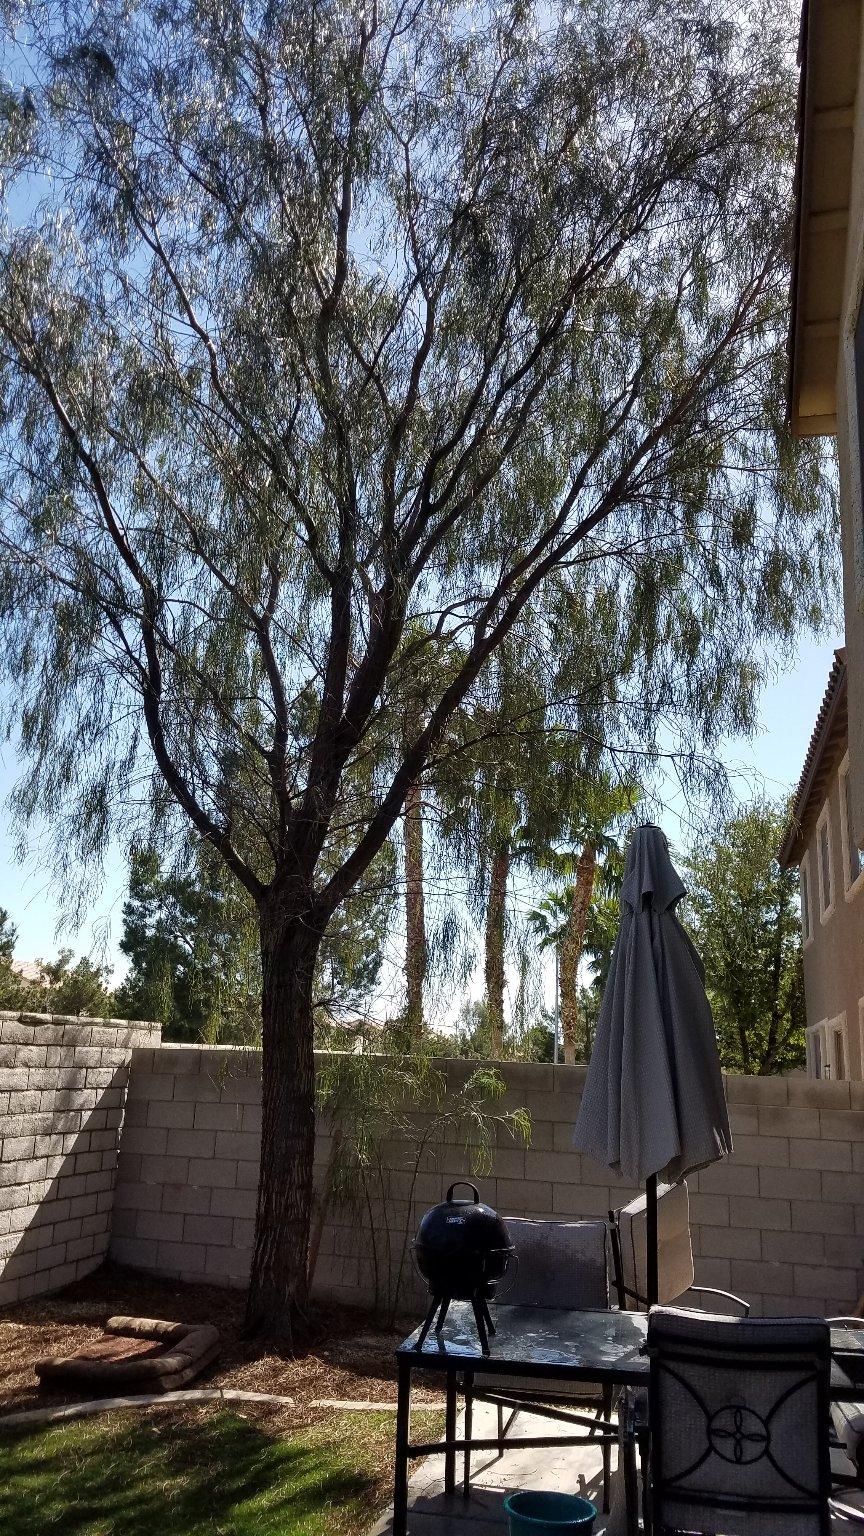 mba landscaping u0026 lawn service sprinkler repairs tree service